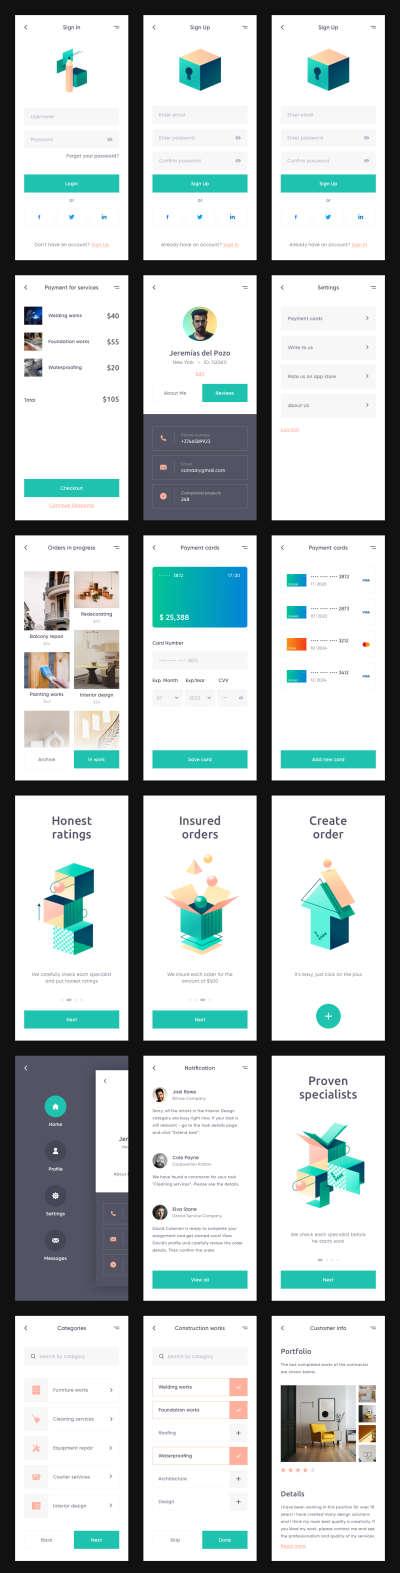 MasterGo - Free UI Kit for Figma